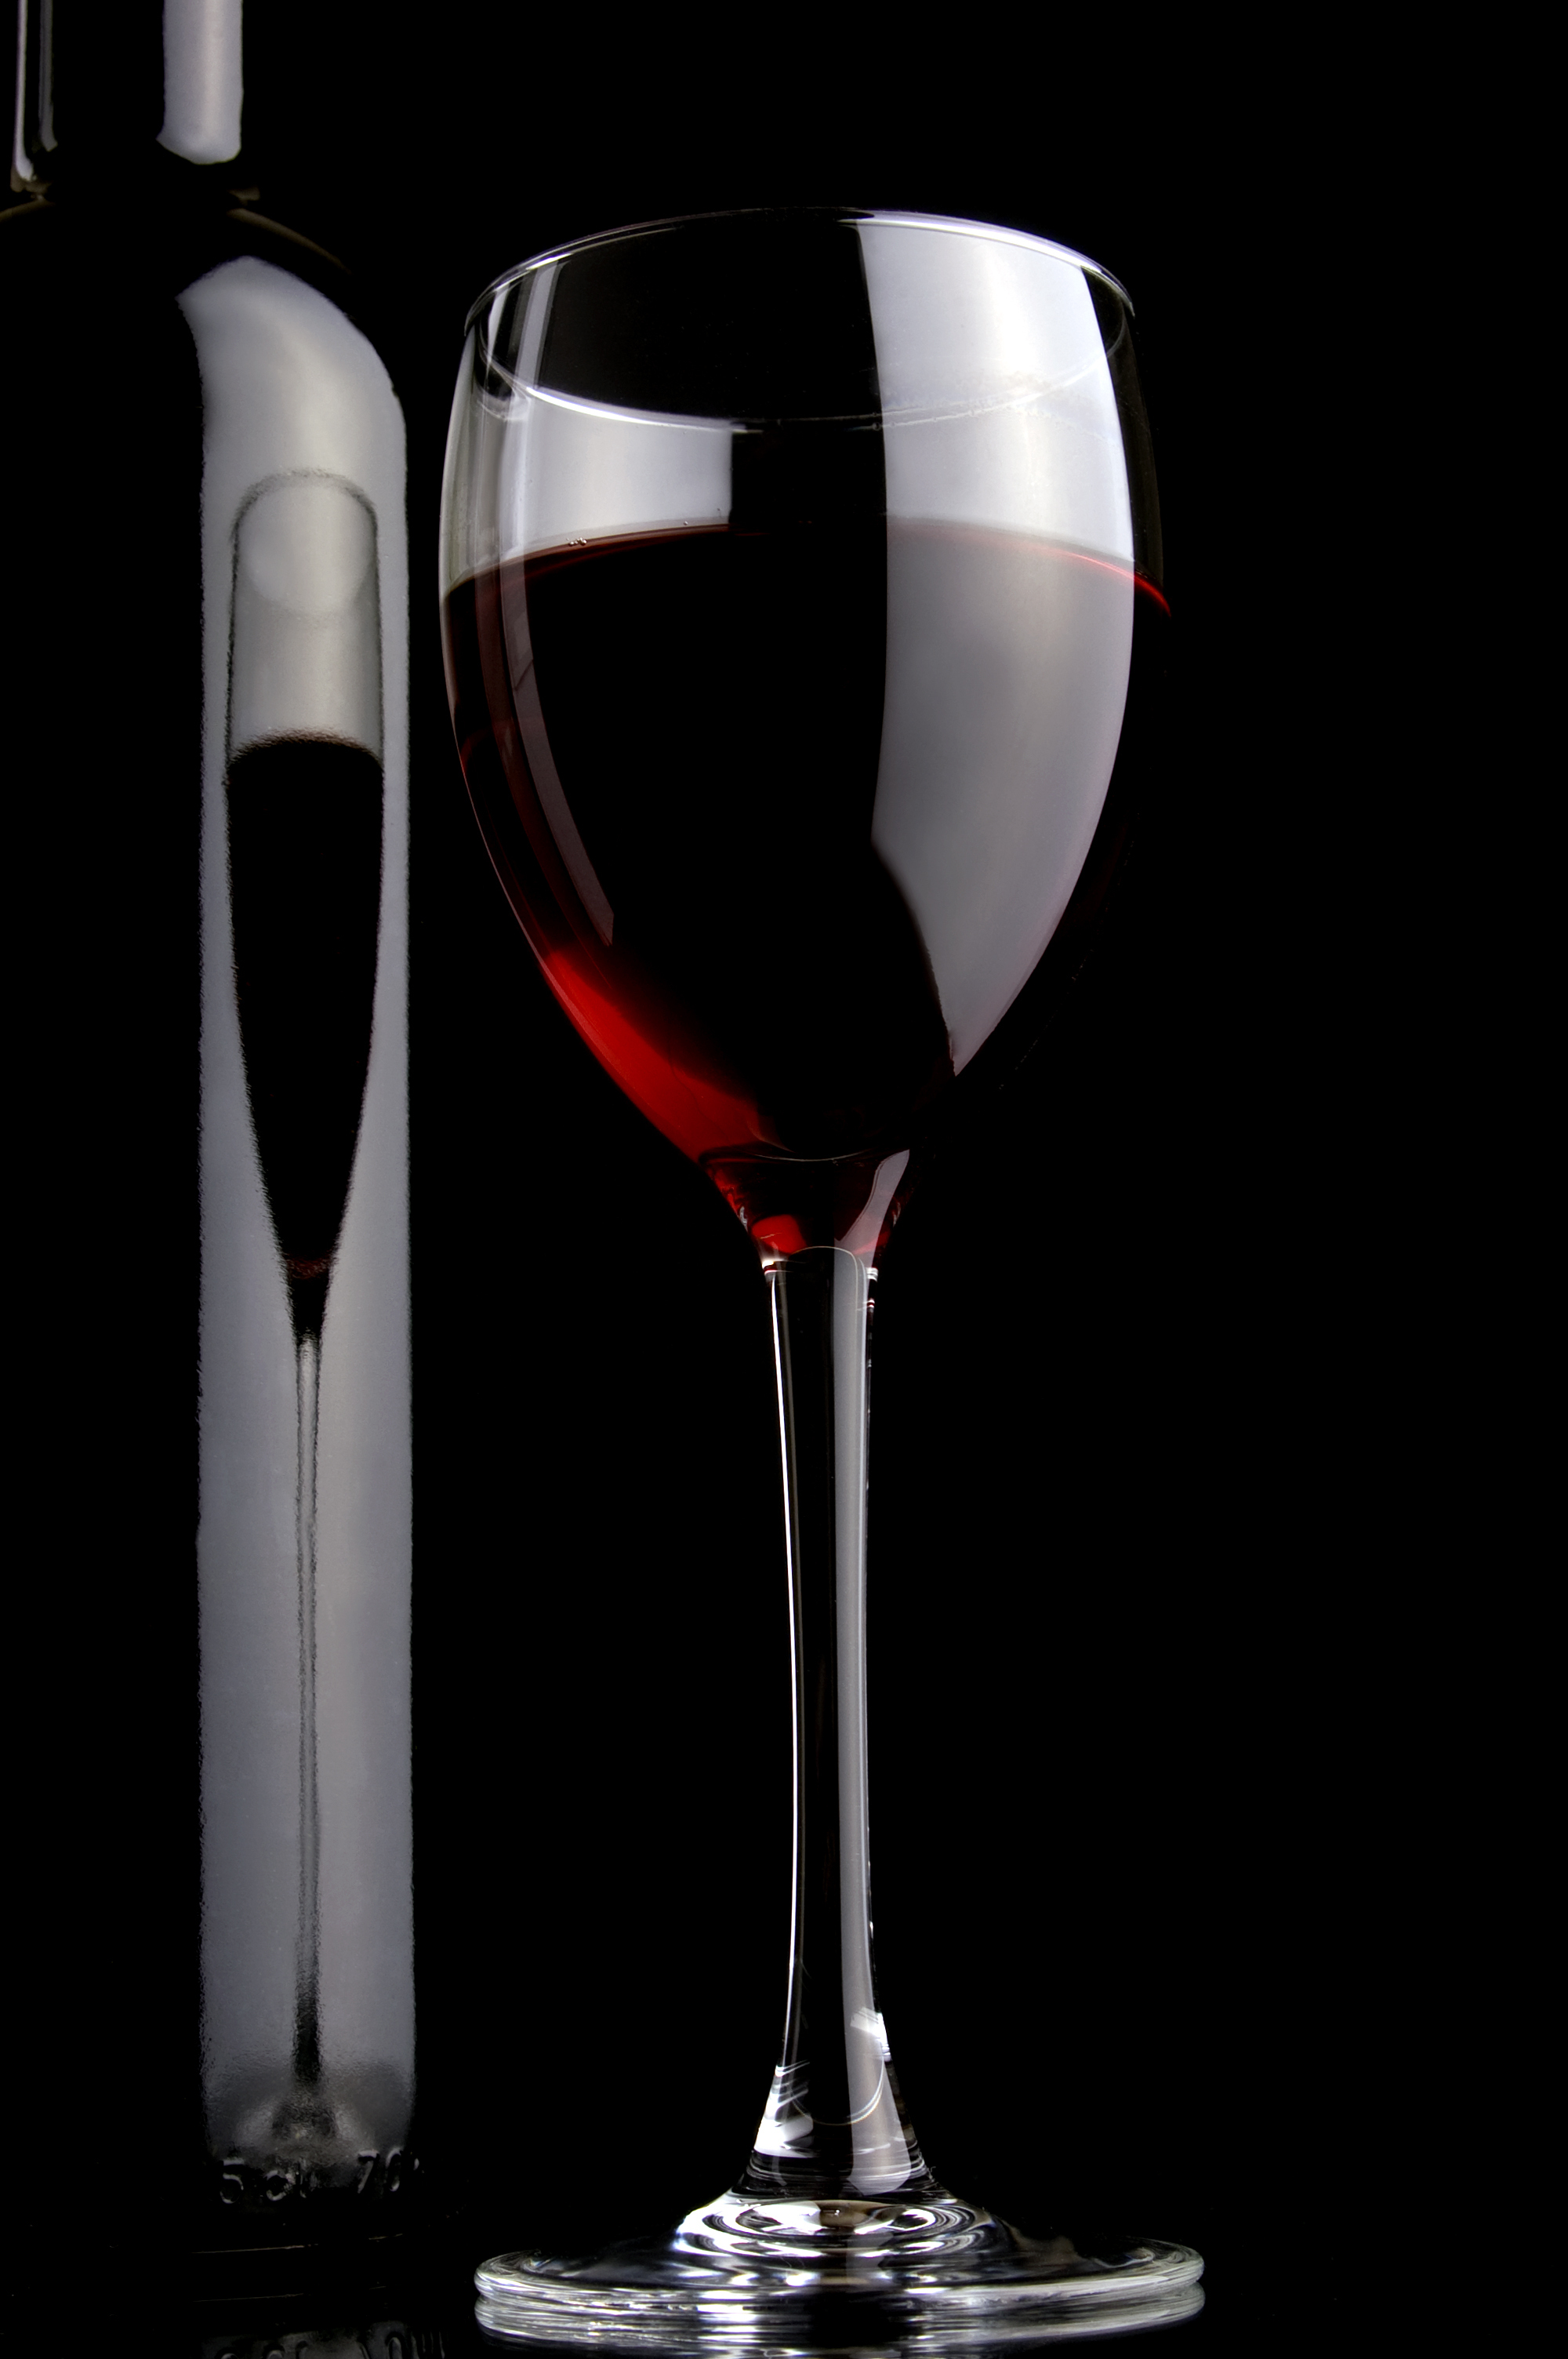 бутылка с красным вином и бокал вина, скачать фото